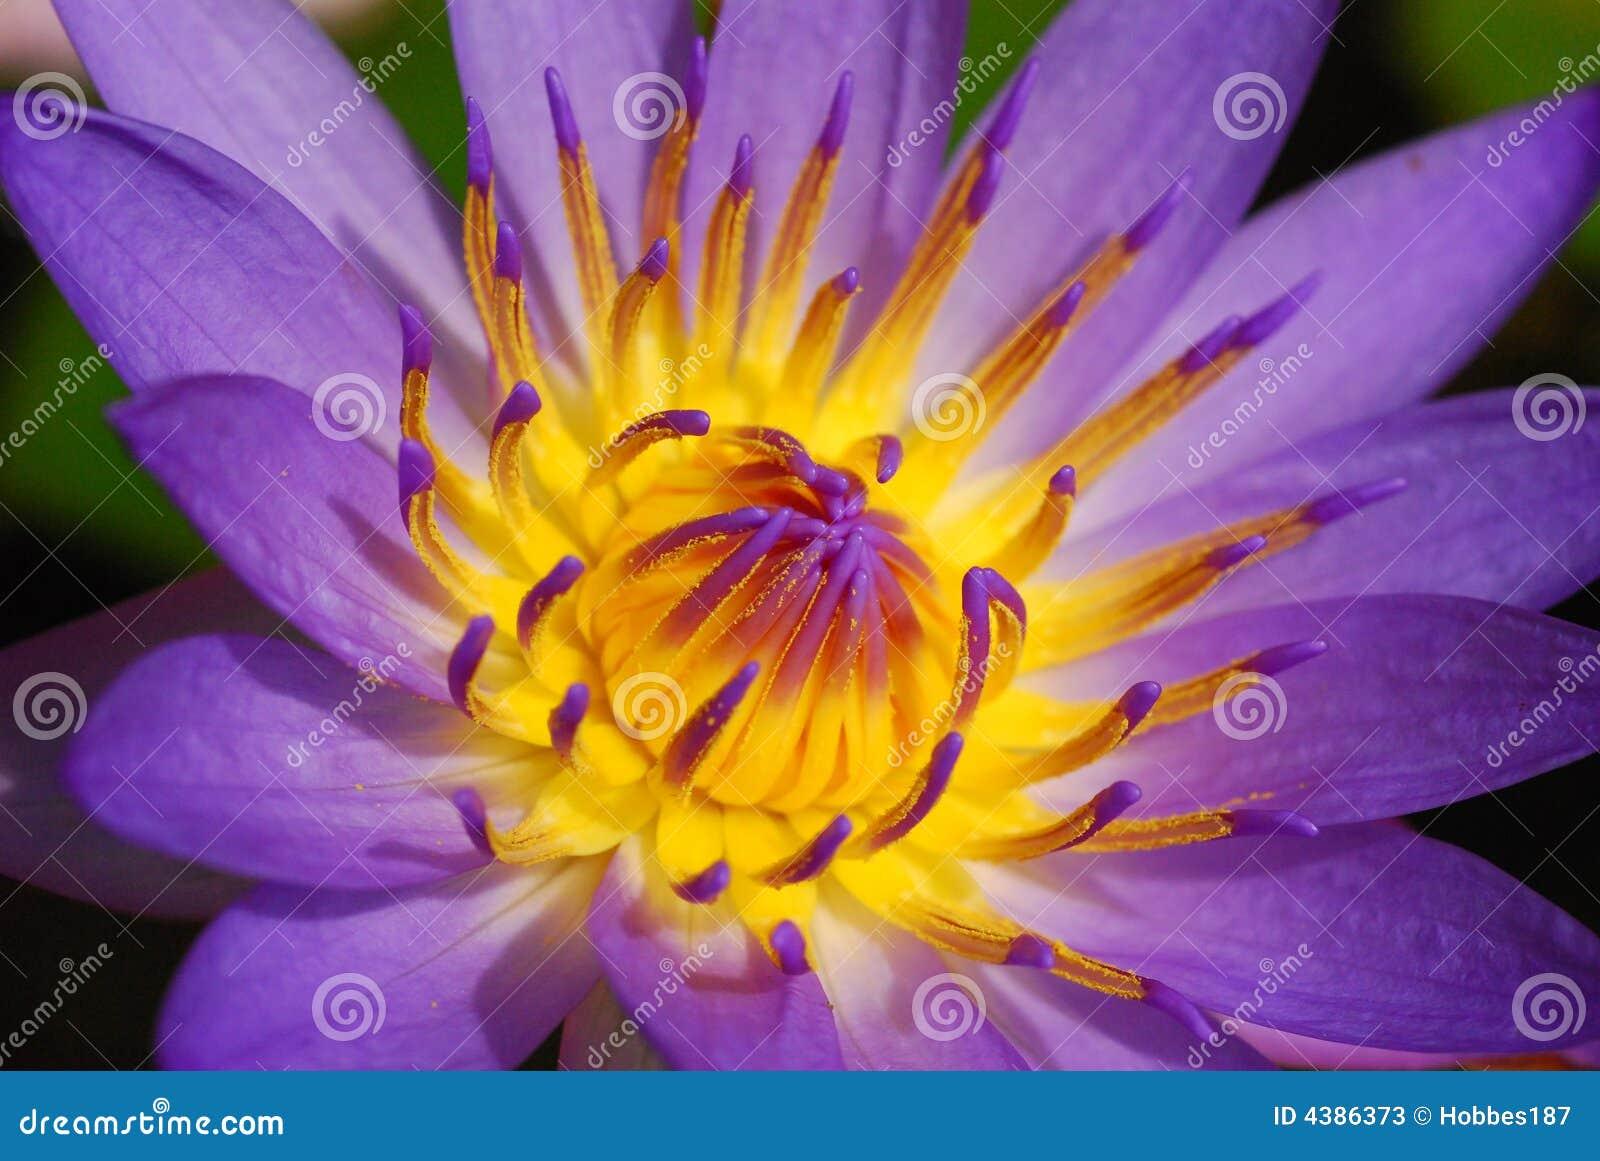 Purpere Lotus/Lelie